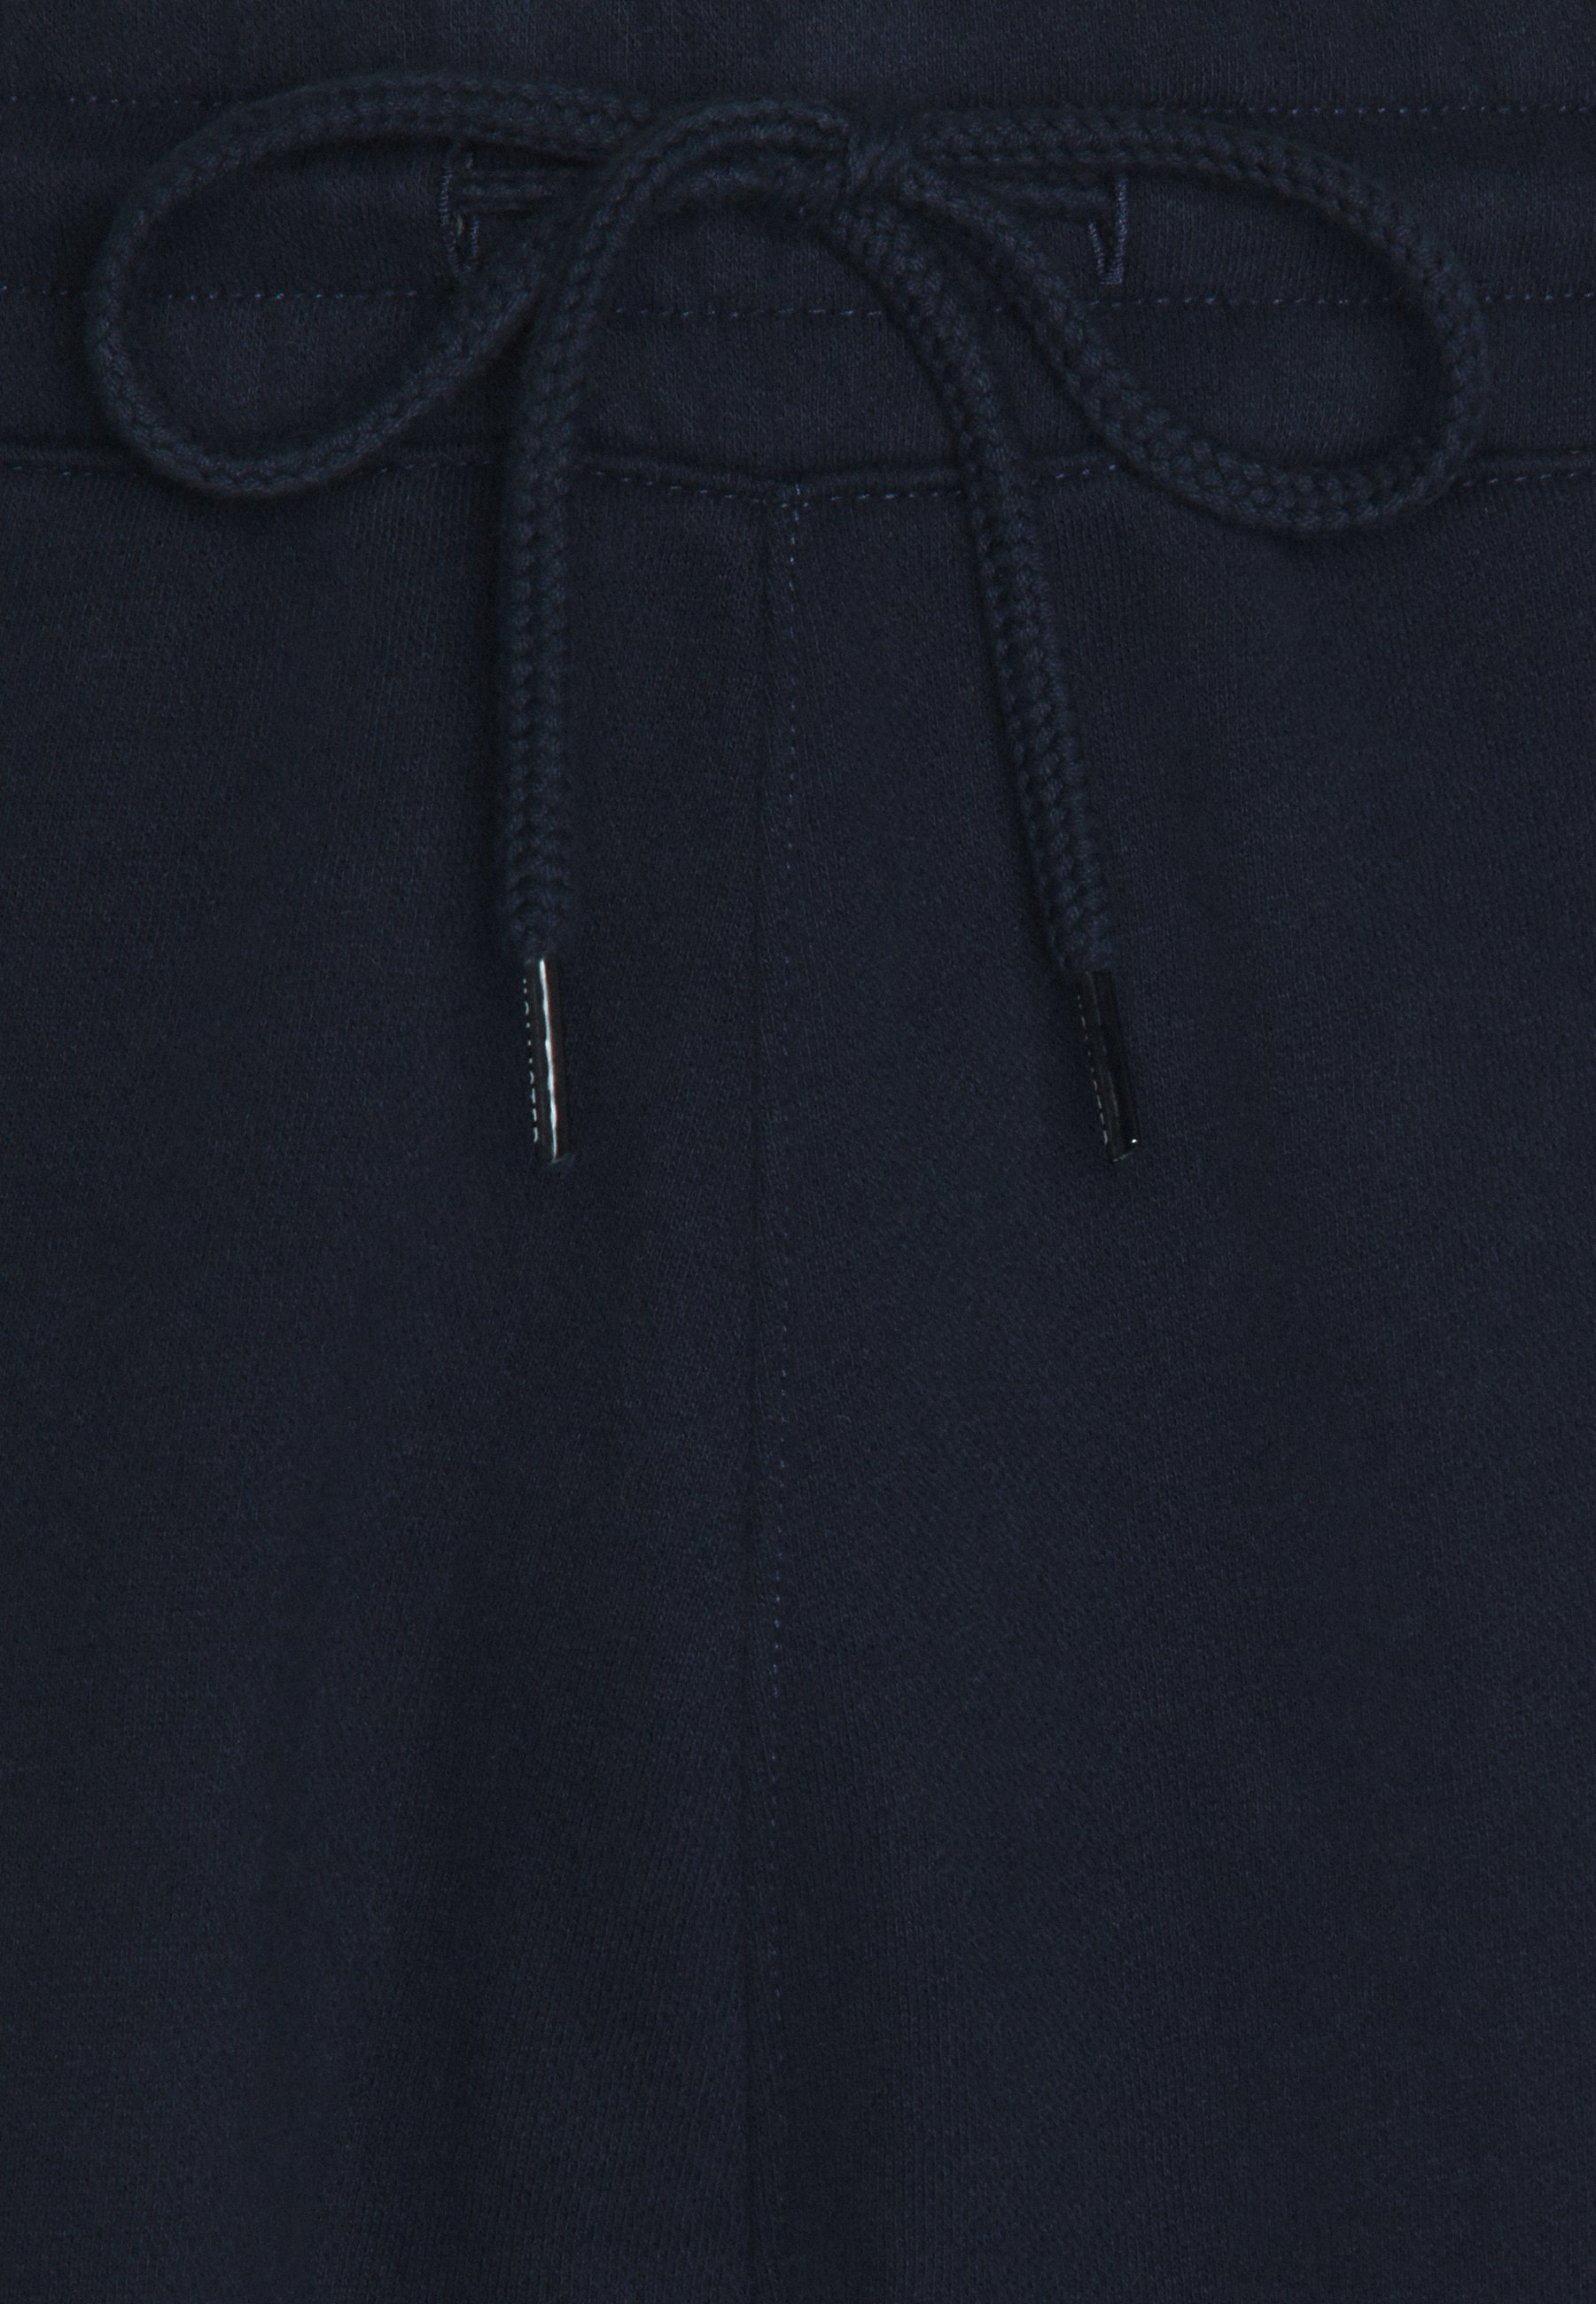 Hollister Co. Relaxed Jogger - Joggebukse Navy/mørkeblå